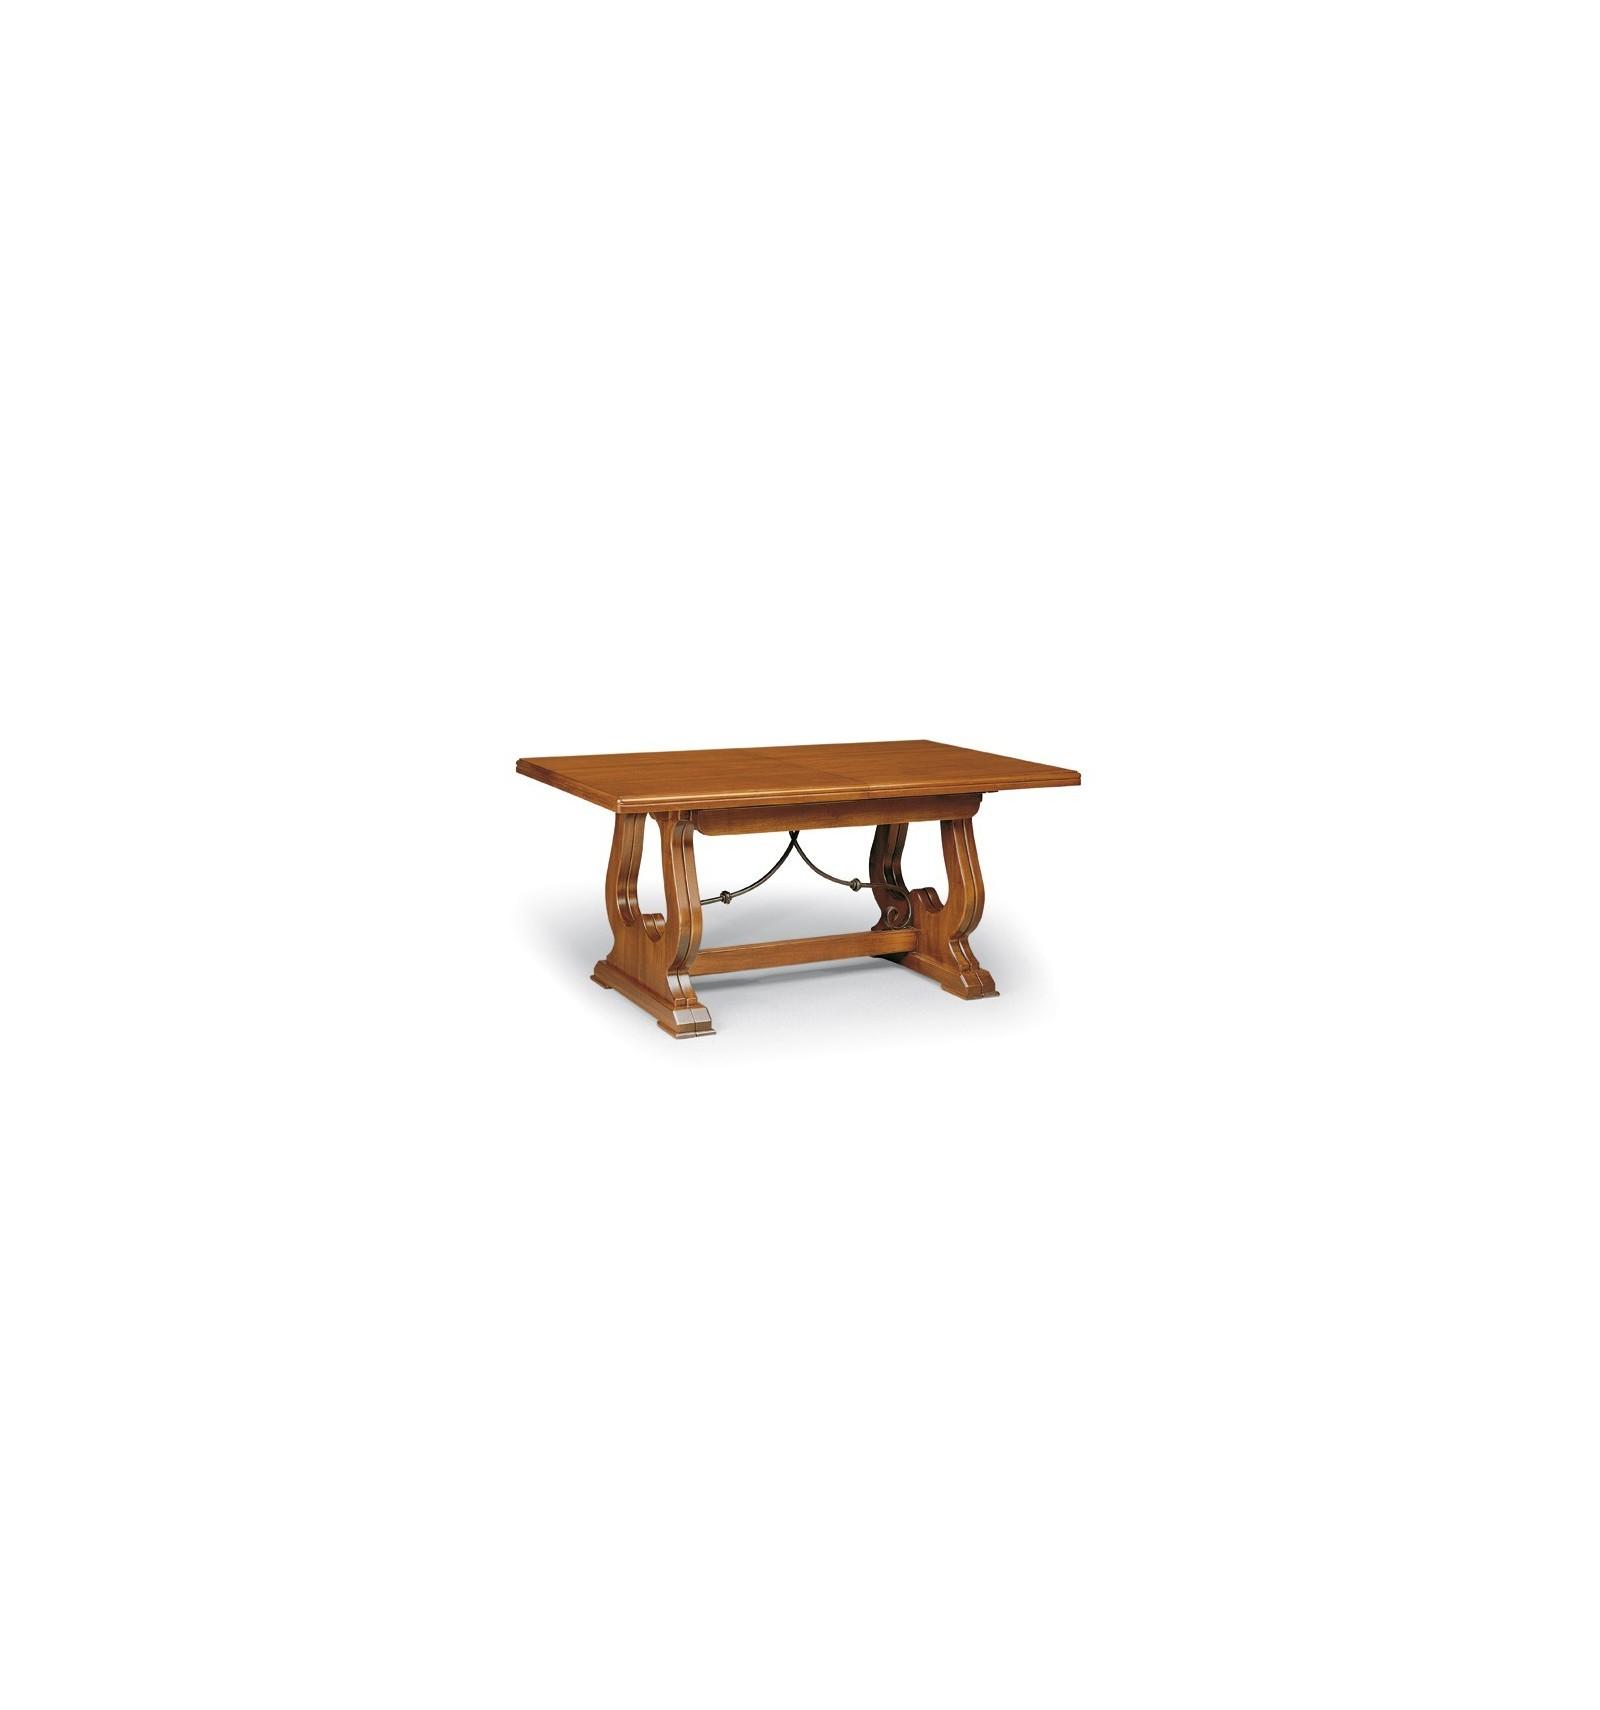 Tavoli Soggiorno Allungabili Classici.Tavolo Rettangolare Allungabile Classico 180 360 W102 Nb Lo